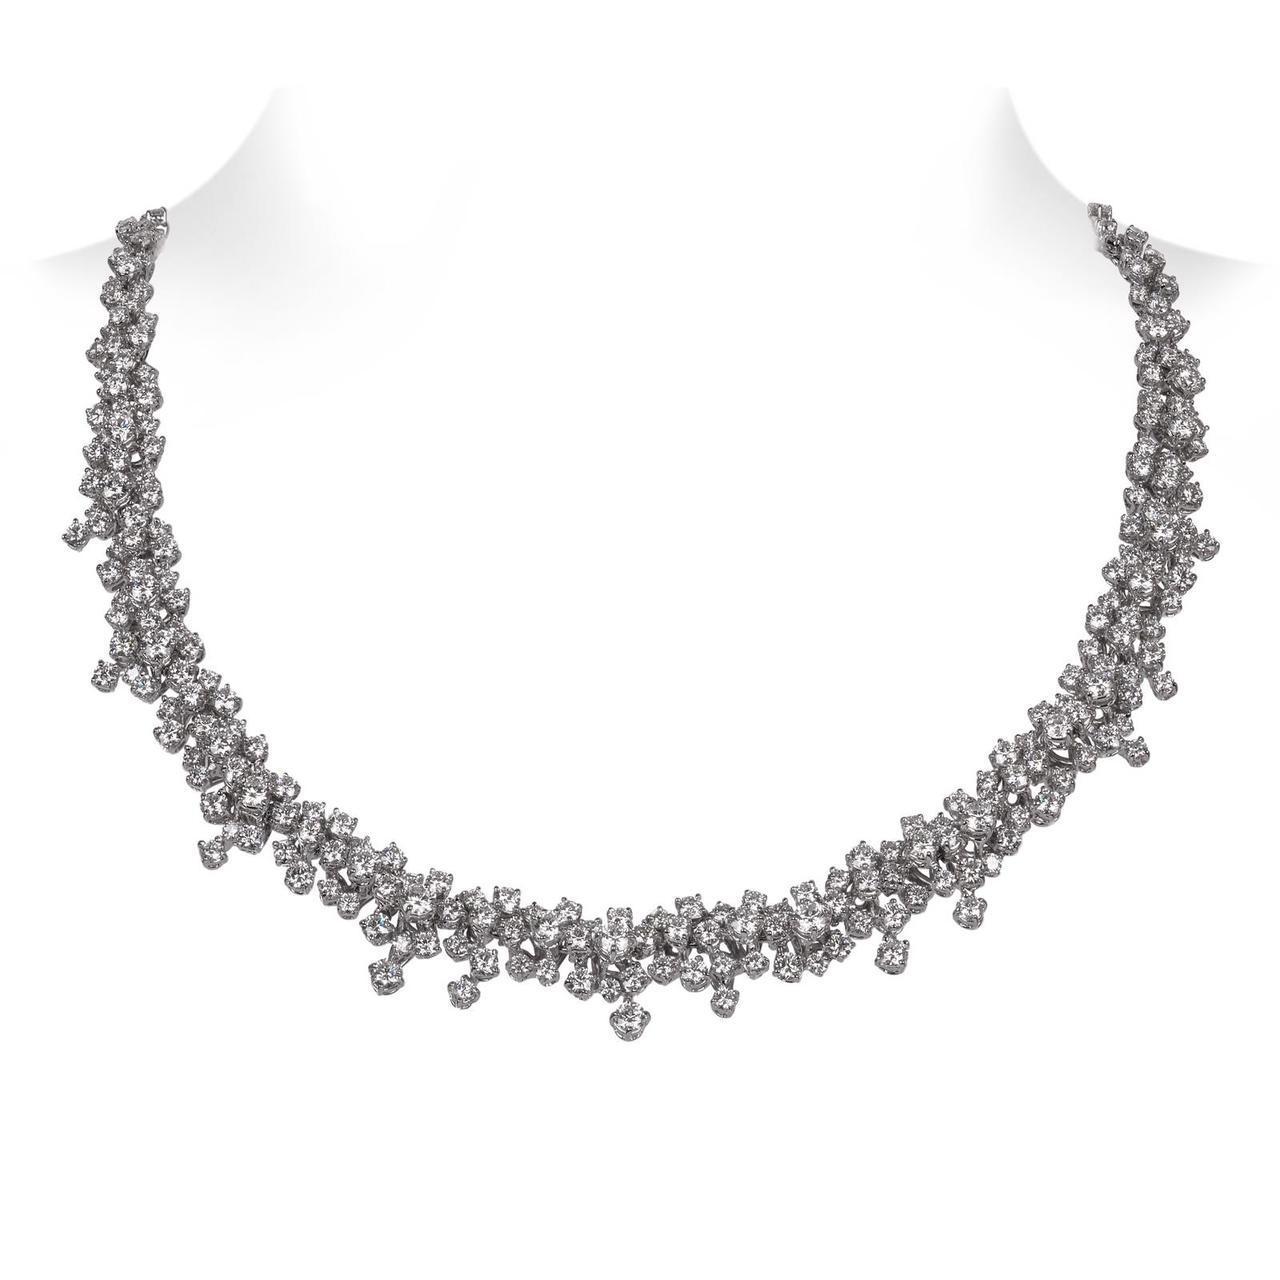 林依晨配戴寶詩龍頂級珠寶系列Lilas鑽石項鍊,約510萬元。圖/寶詩龍提供